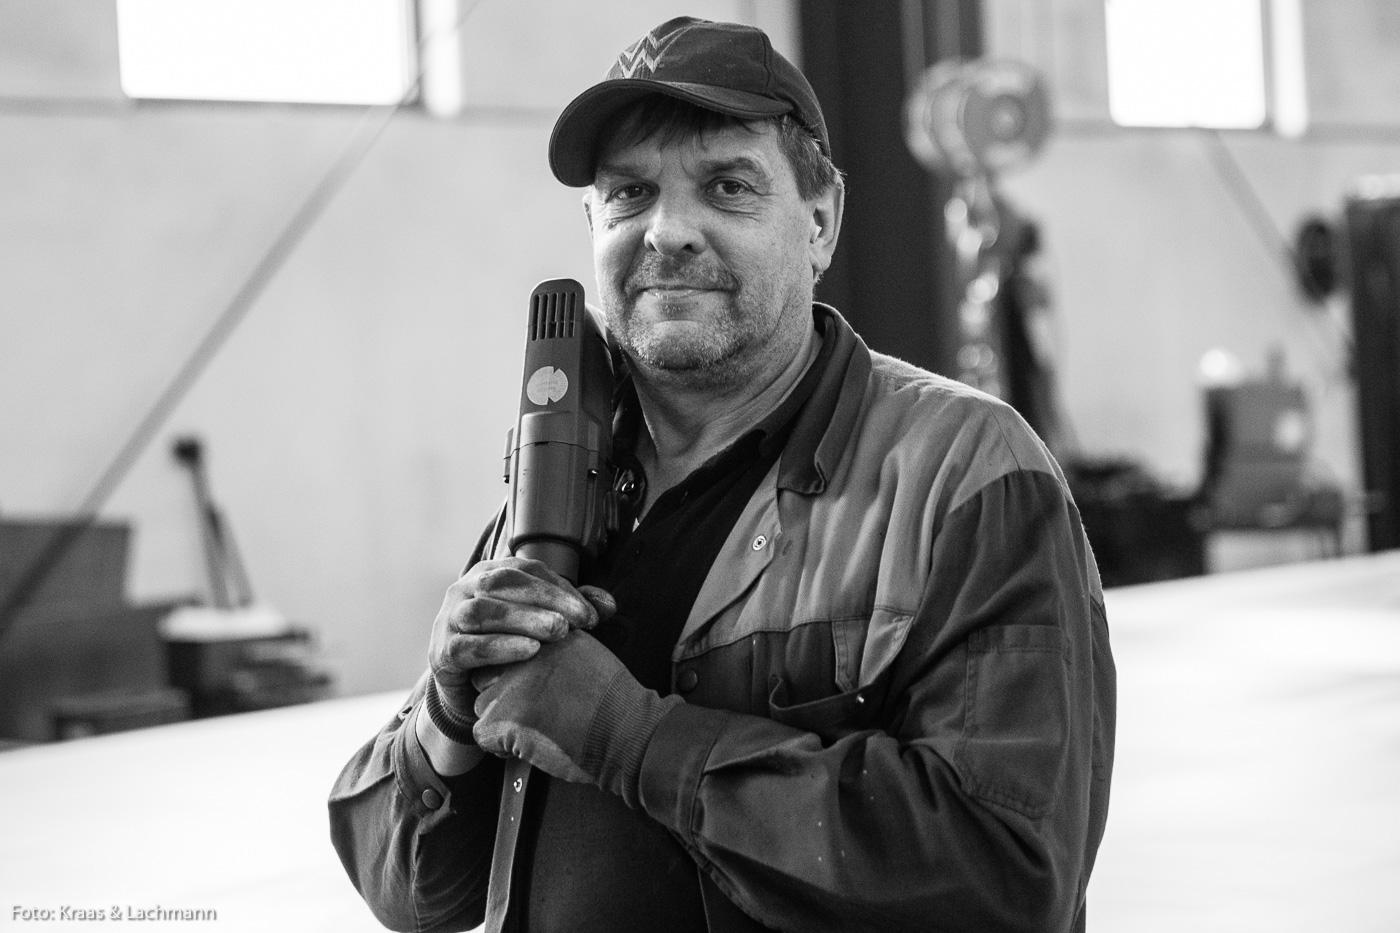 Richard Sobotta arbeitet beim Maschinen- und Anlagenbauer Weckenmann in Dormettingen.